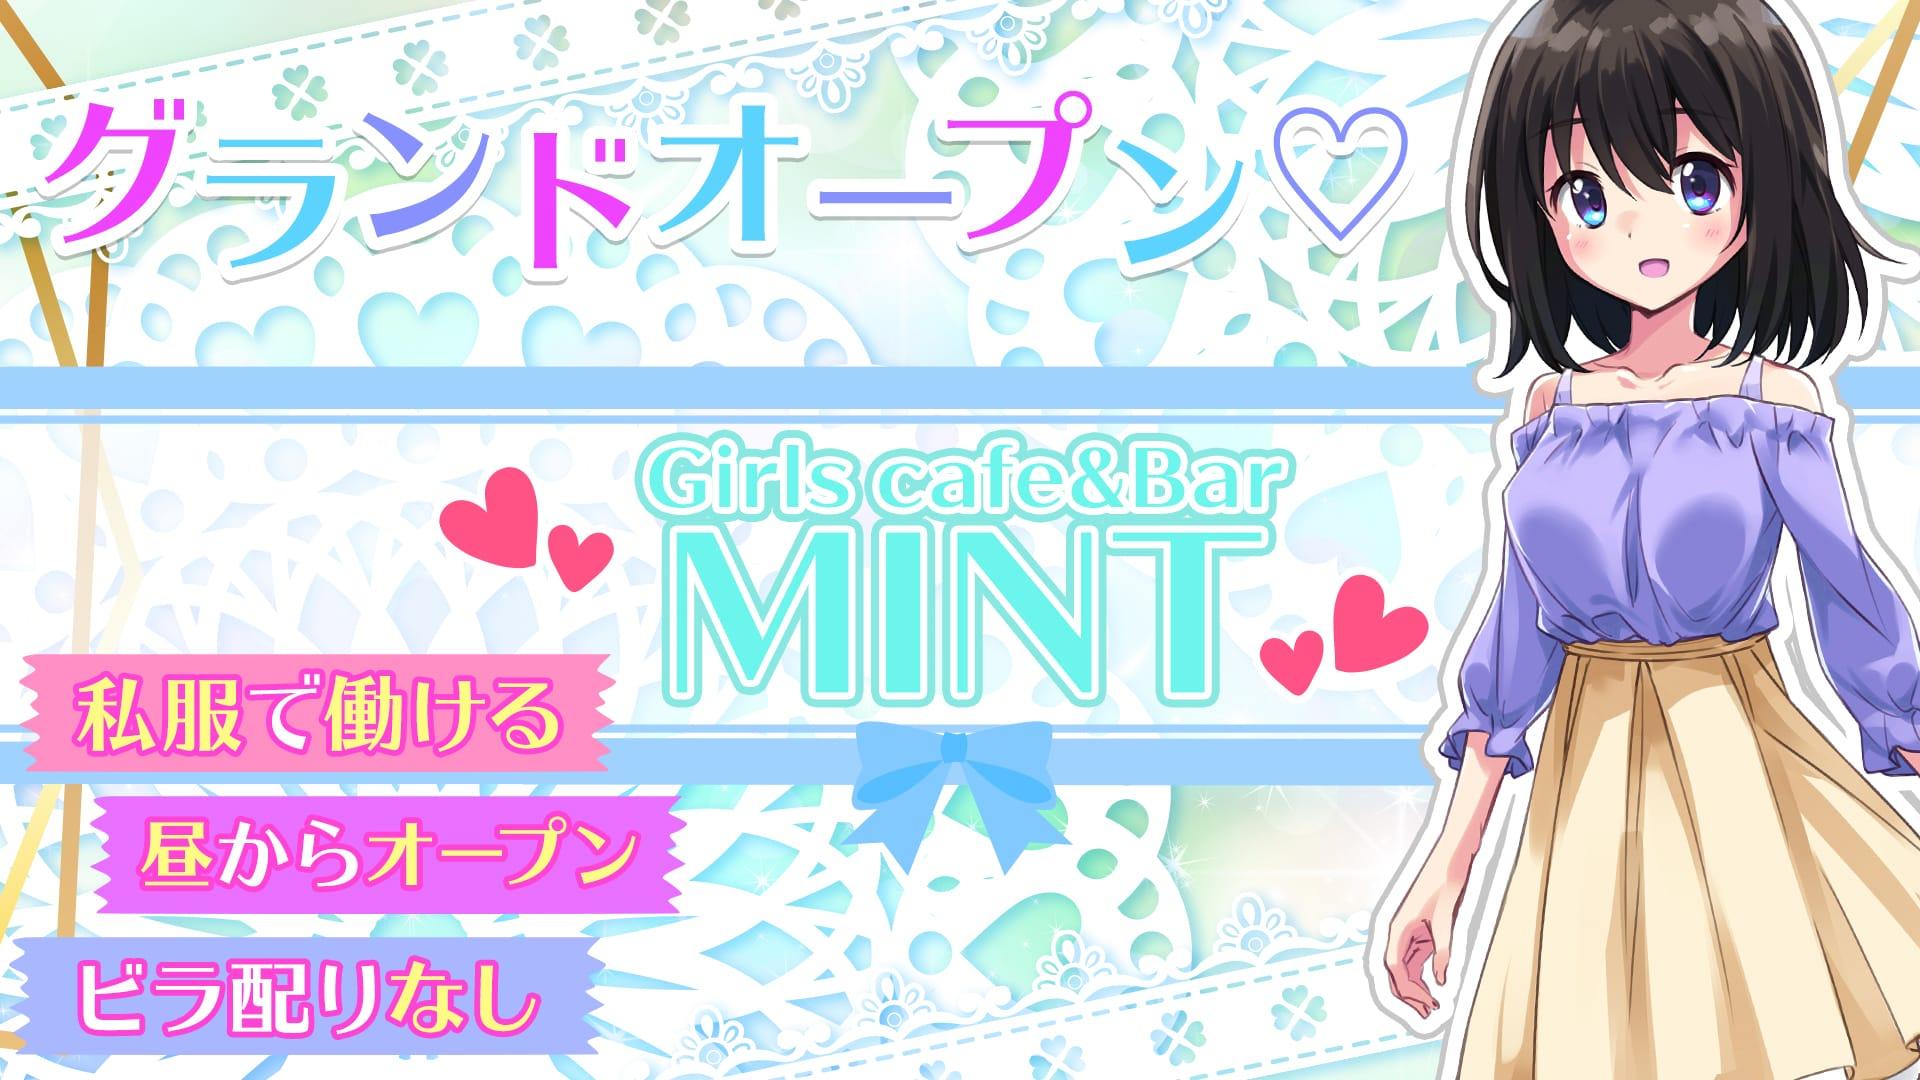 Girlscafe&Bar MINT-ミント- 高円寺ガールズバー TOP画像